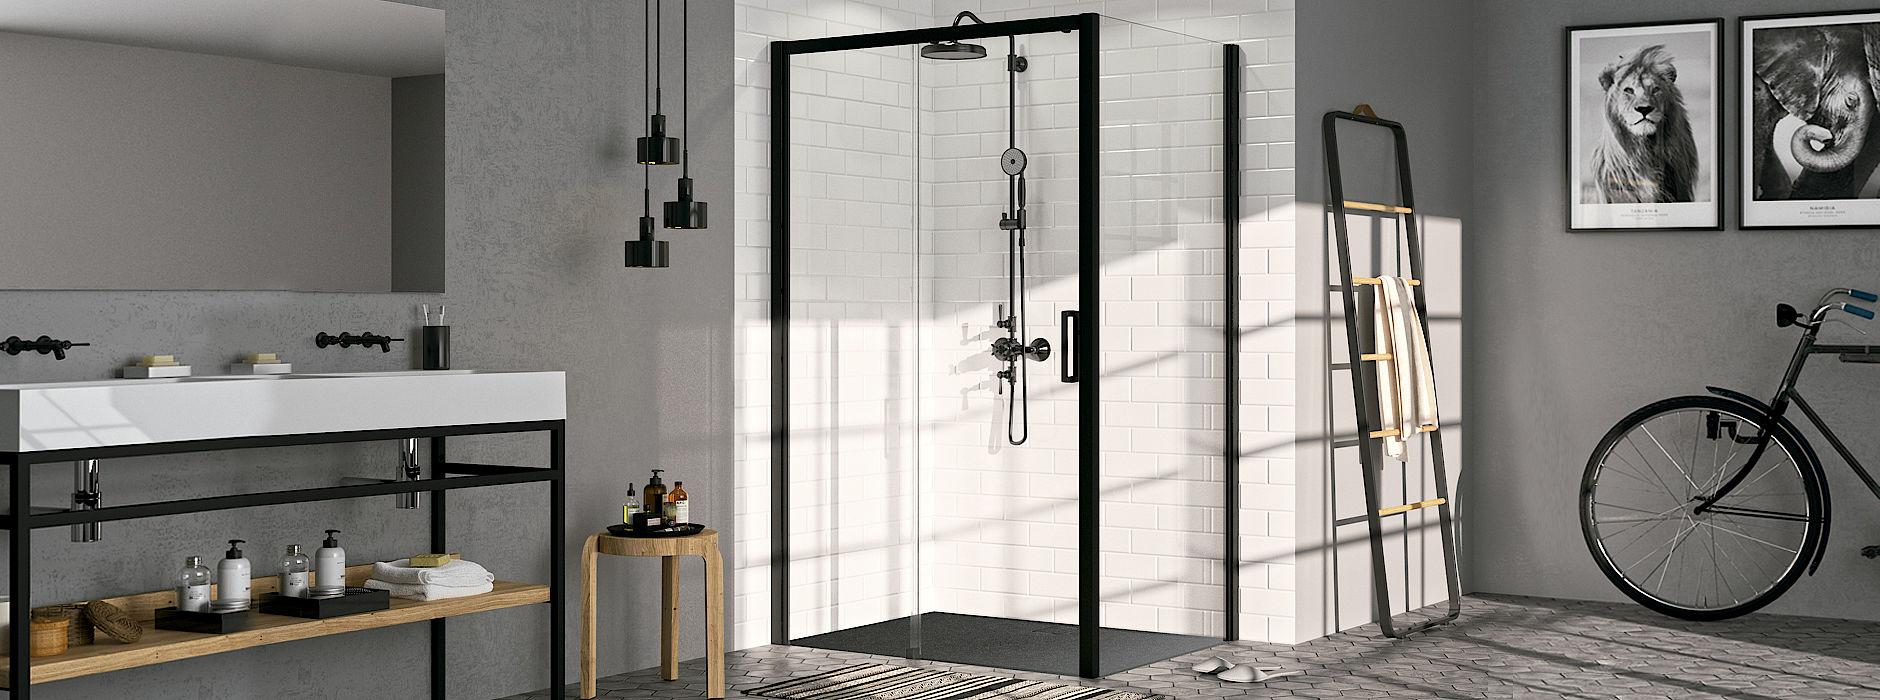 Full Size of Hüppe Duschen Moderne Schulte Sprinz Hsk Kaufen Dusche Breuer Werksverkauf Bodengleiche Begehbare Dusche Hüppe Duschen